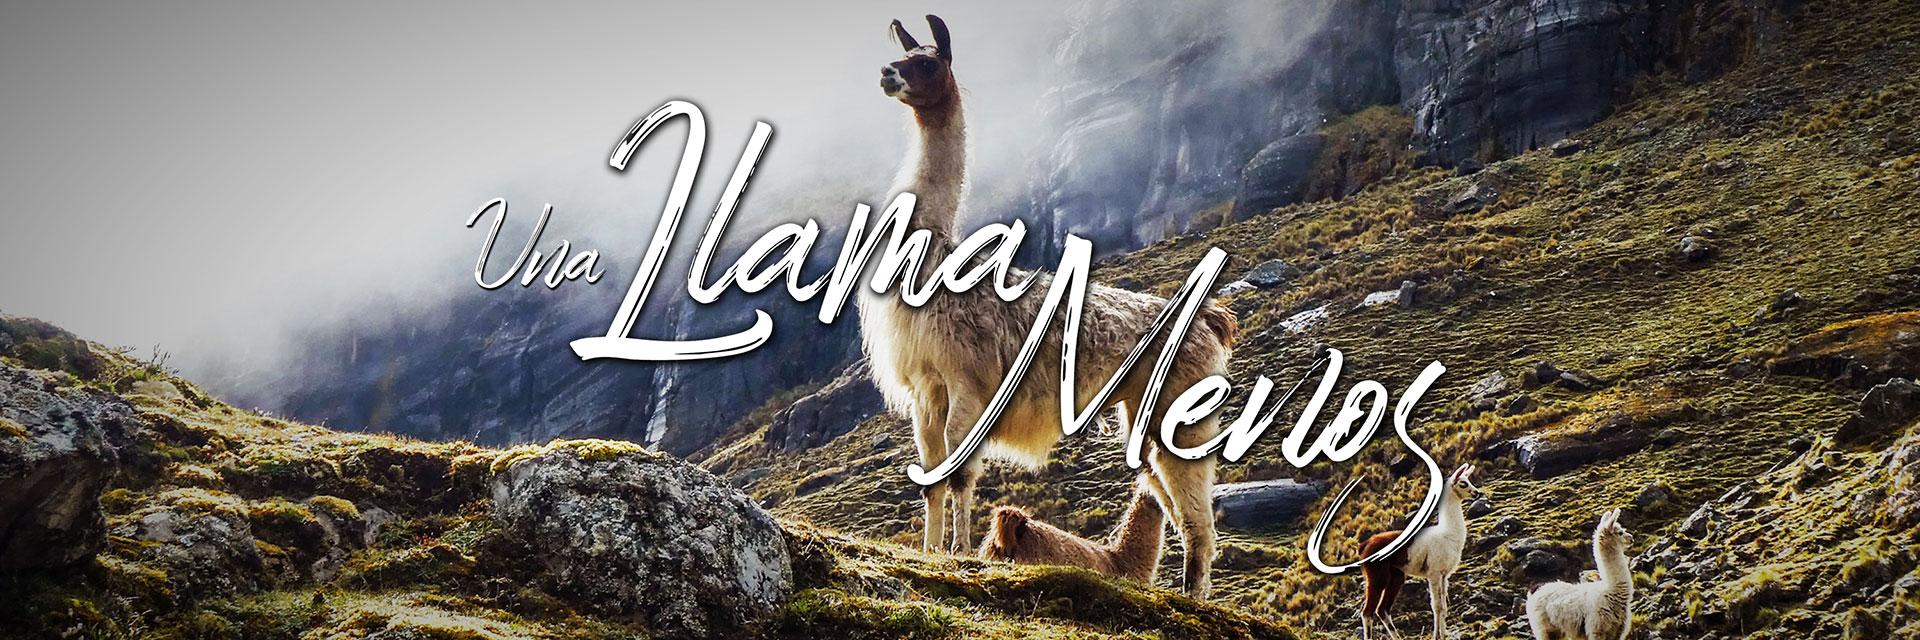 Una Llama Menos - A rider's journal in Bolivia